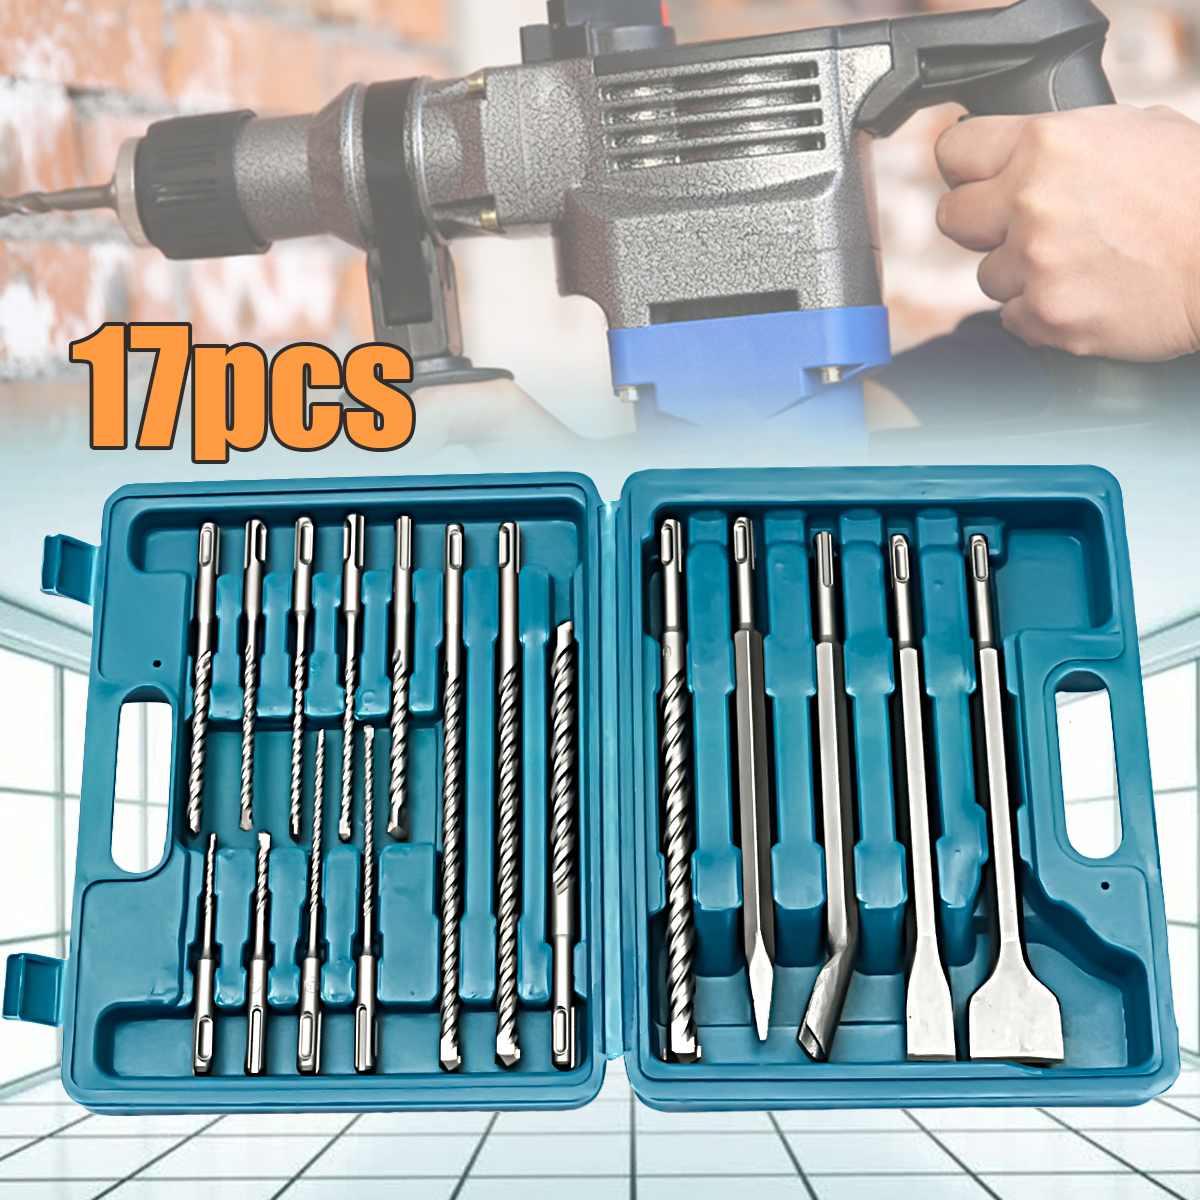 Conjunto de Bits Ferramentas de Instalação Hidrelétrica com Caixa Broca Bits Cinzel Sds Mais Martelo Rotativo Caber b Osch Hilti Armazenamento 17 Pçs – Set Mod. 113002